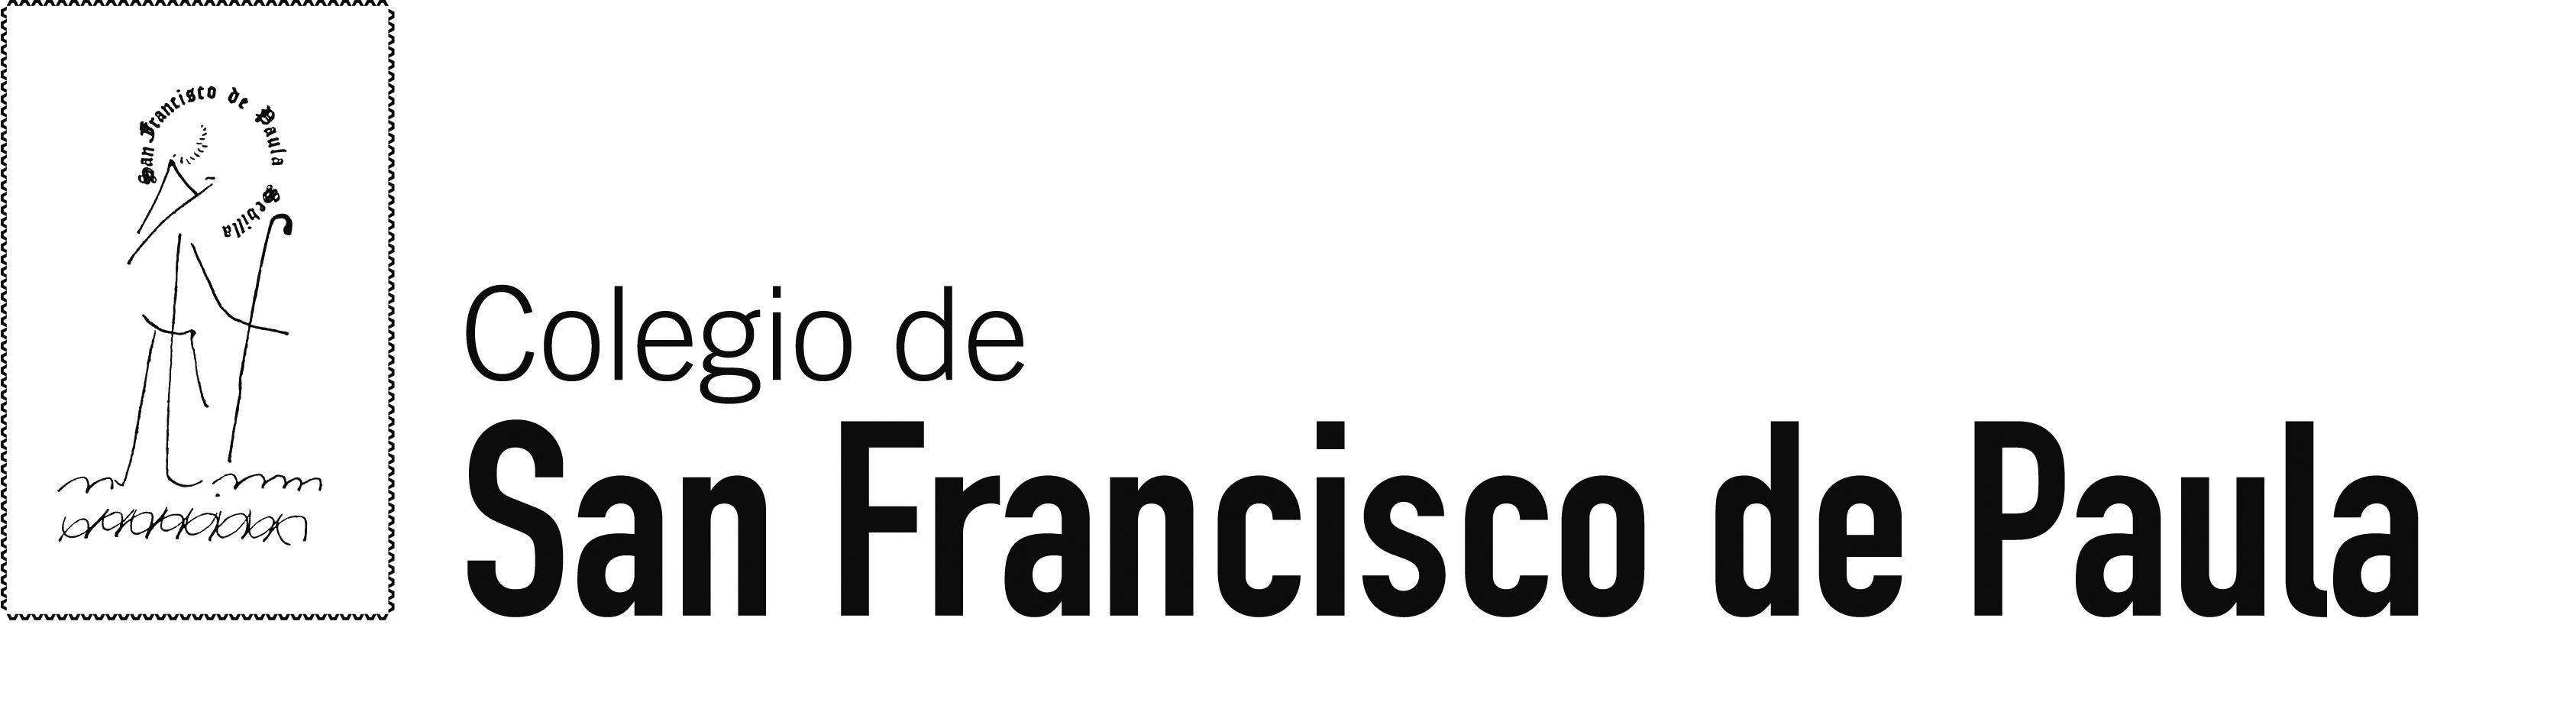 NOTA DE PRENSA: EL COLEGIO DE SAN FRANCISCO DE PAULA INAUGURA EL ÚNICO ROCÓDROMO DEL CENTRO HISTÓRICO DE SEVILLA